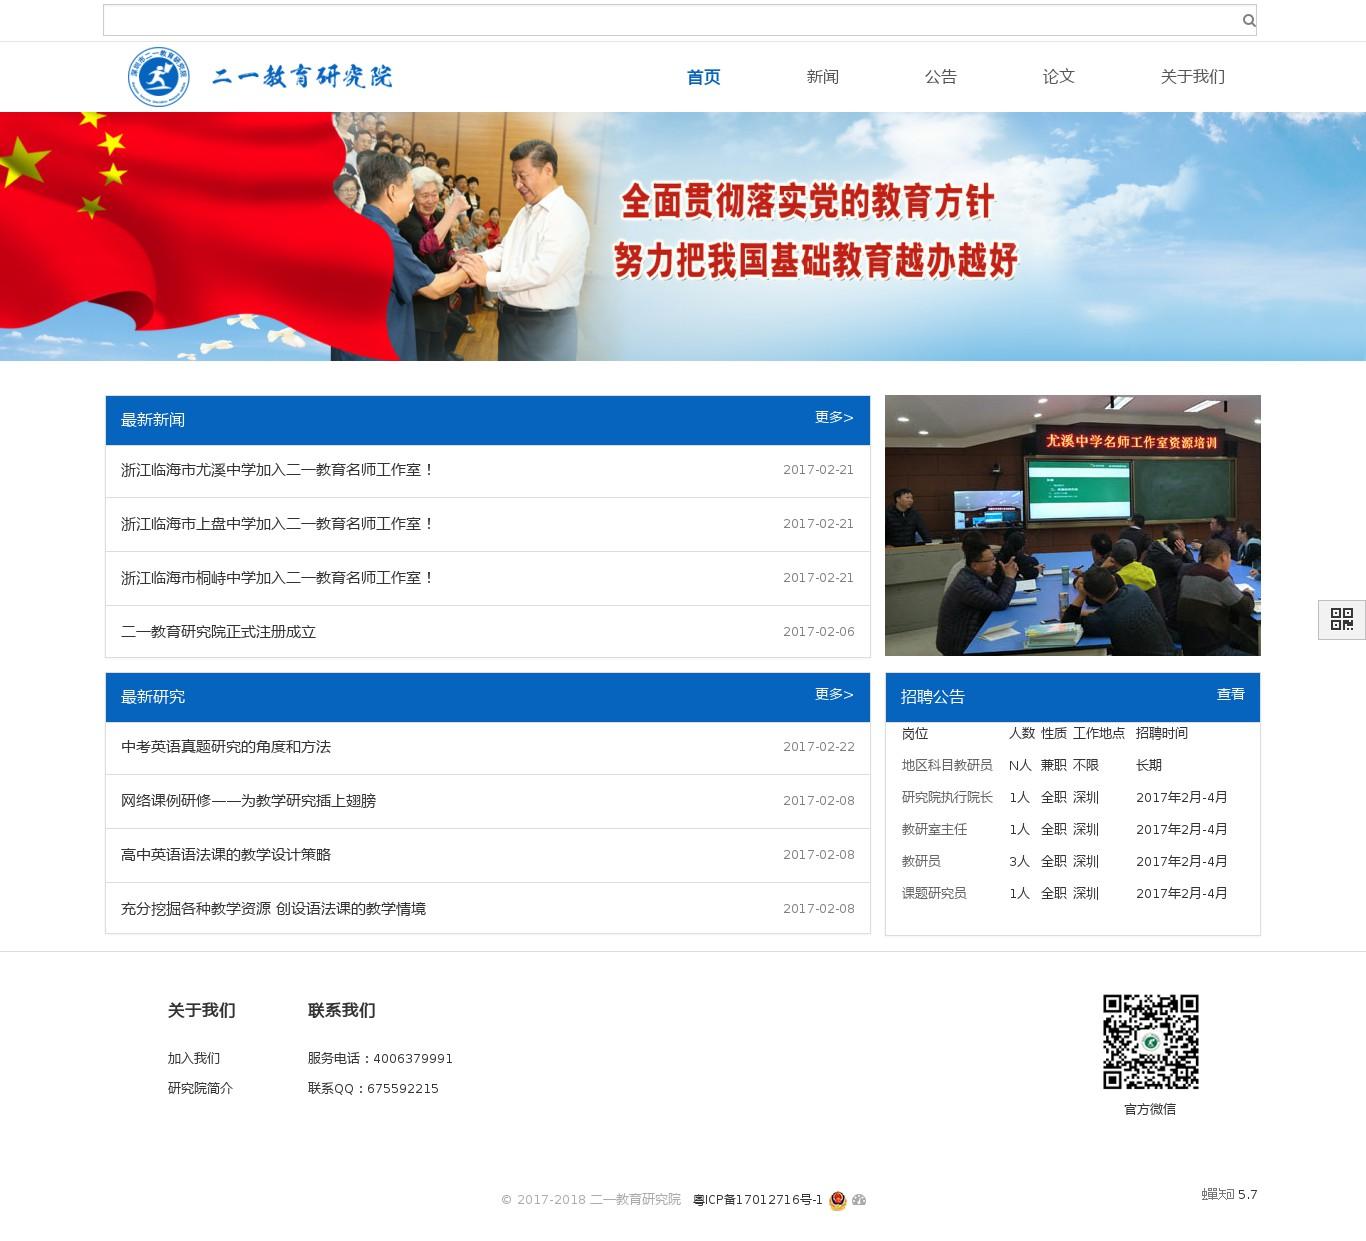 深圳市二一教育研究院